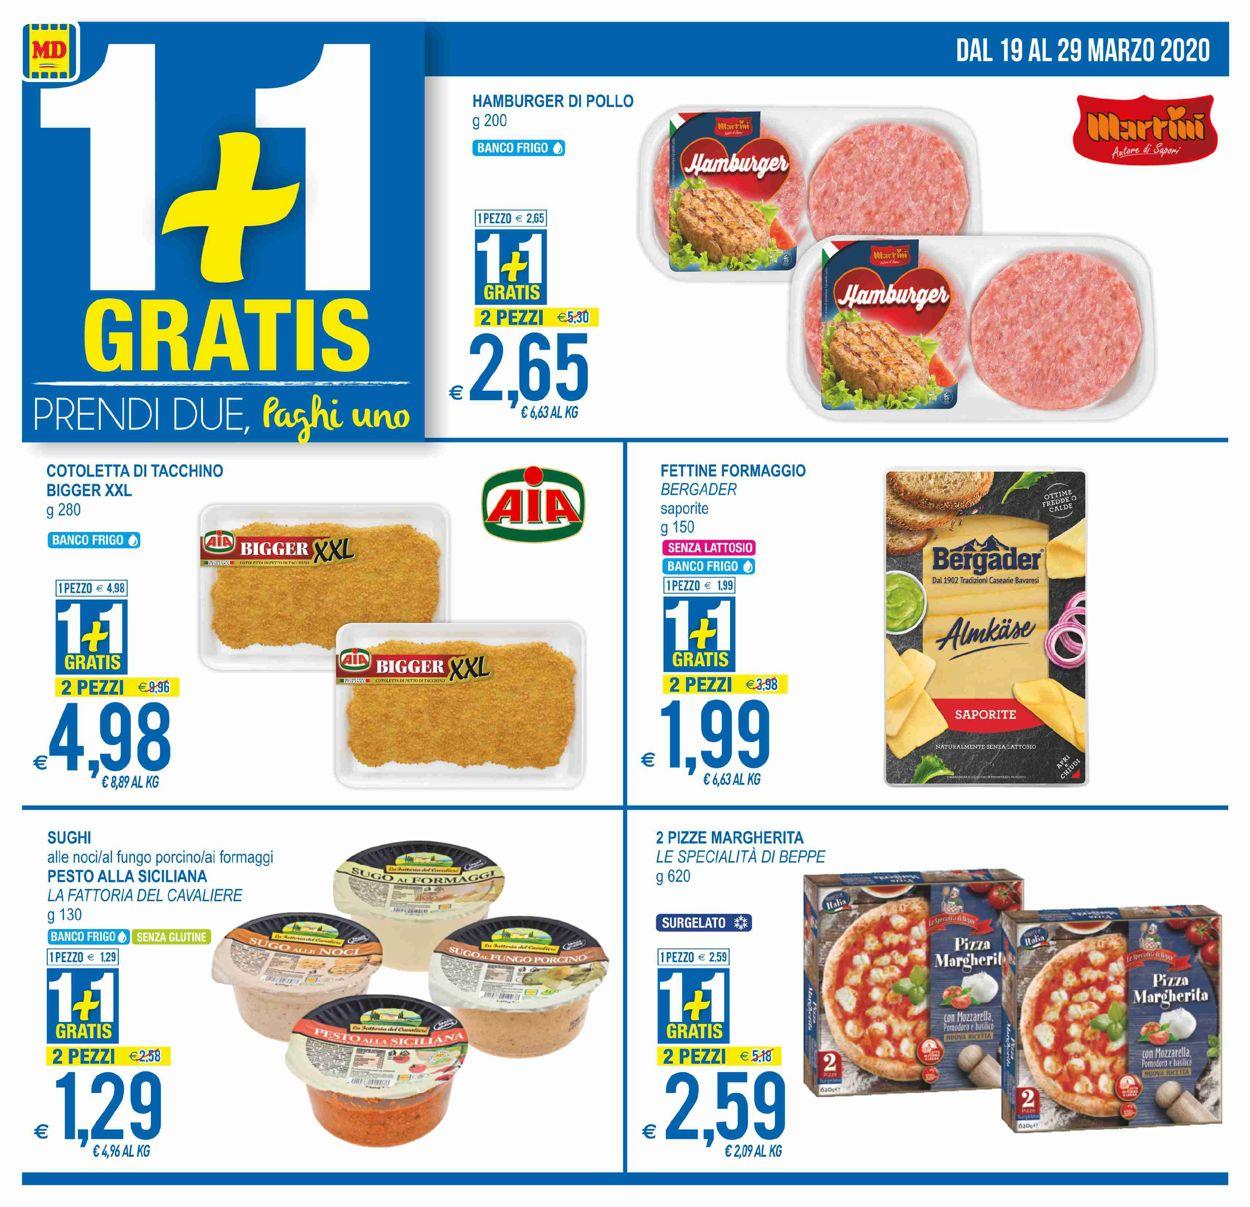 Volantino MD Discount - Offerte 19/03-29/03/2020 (Pagina 2)